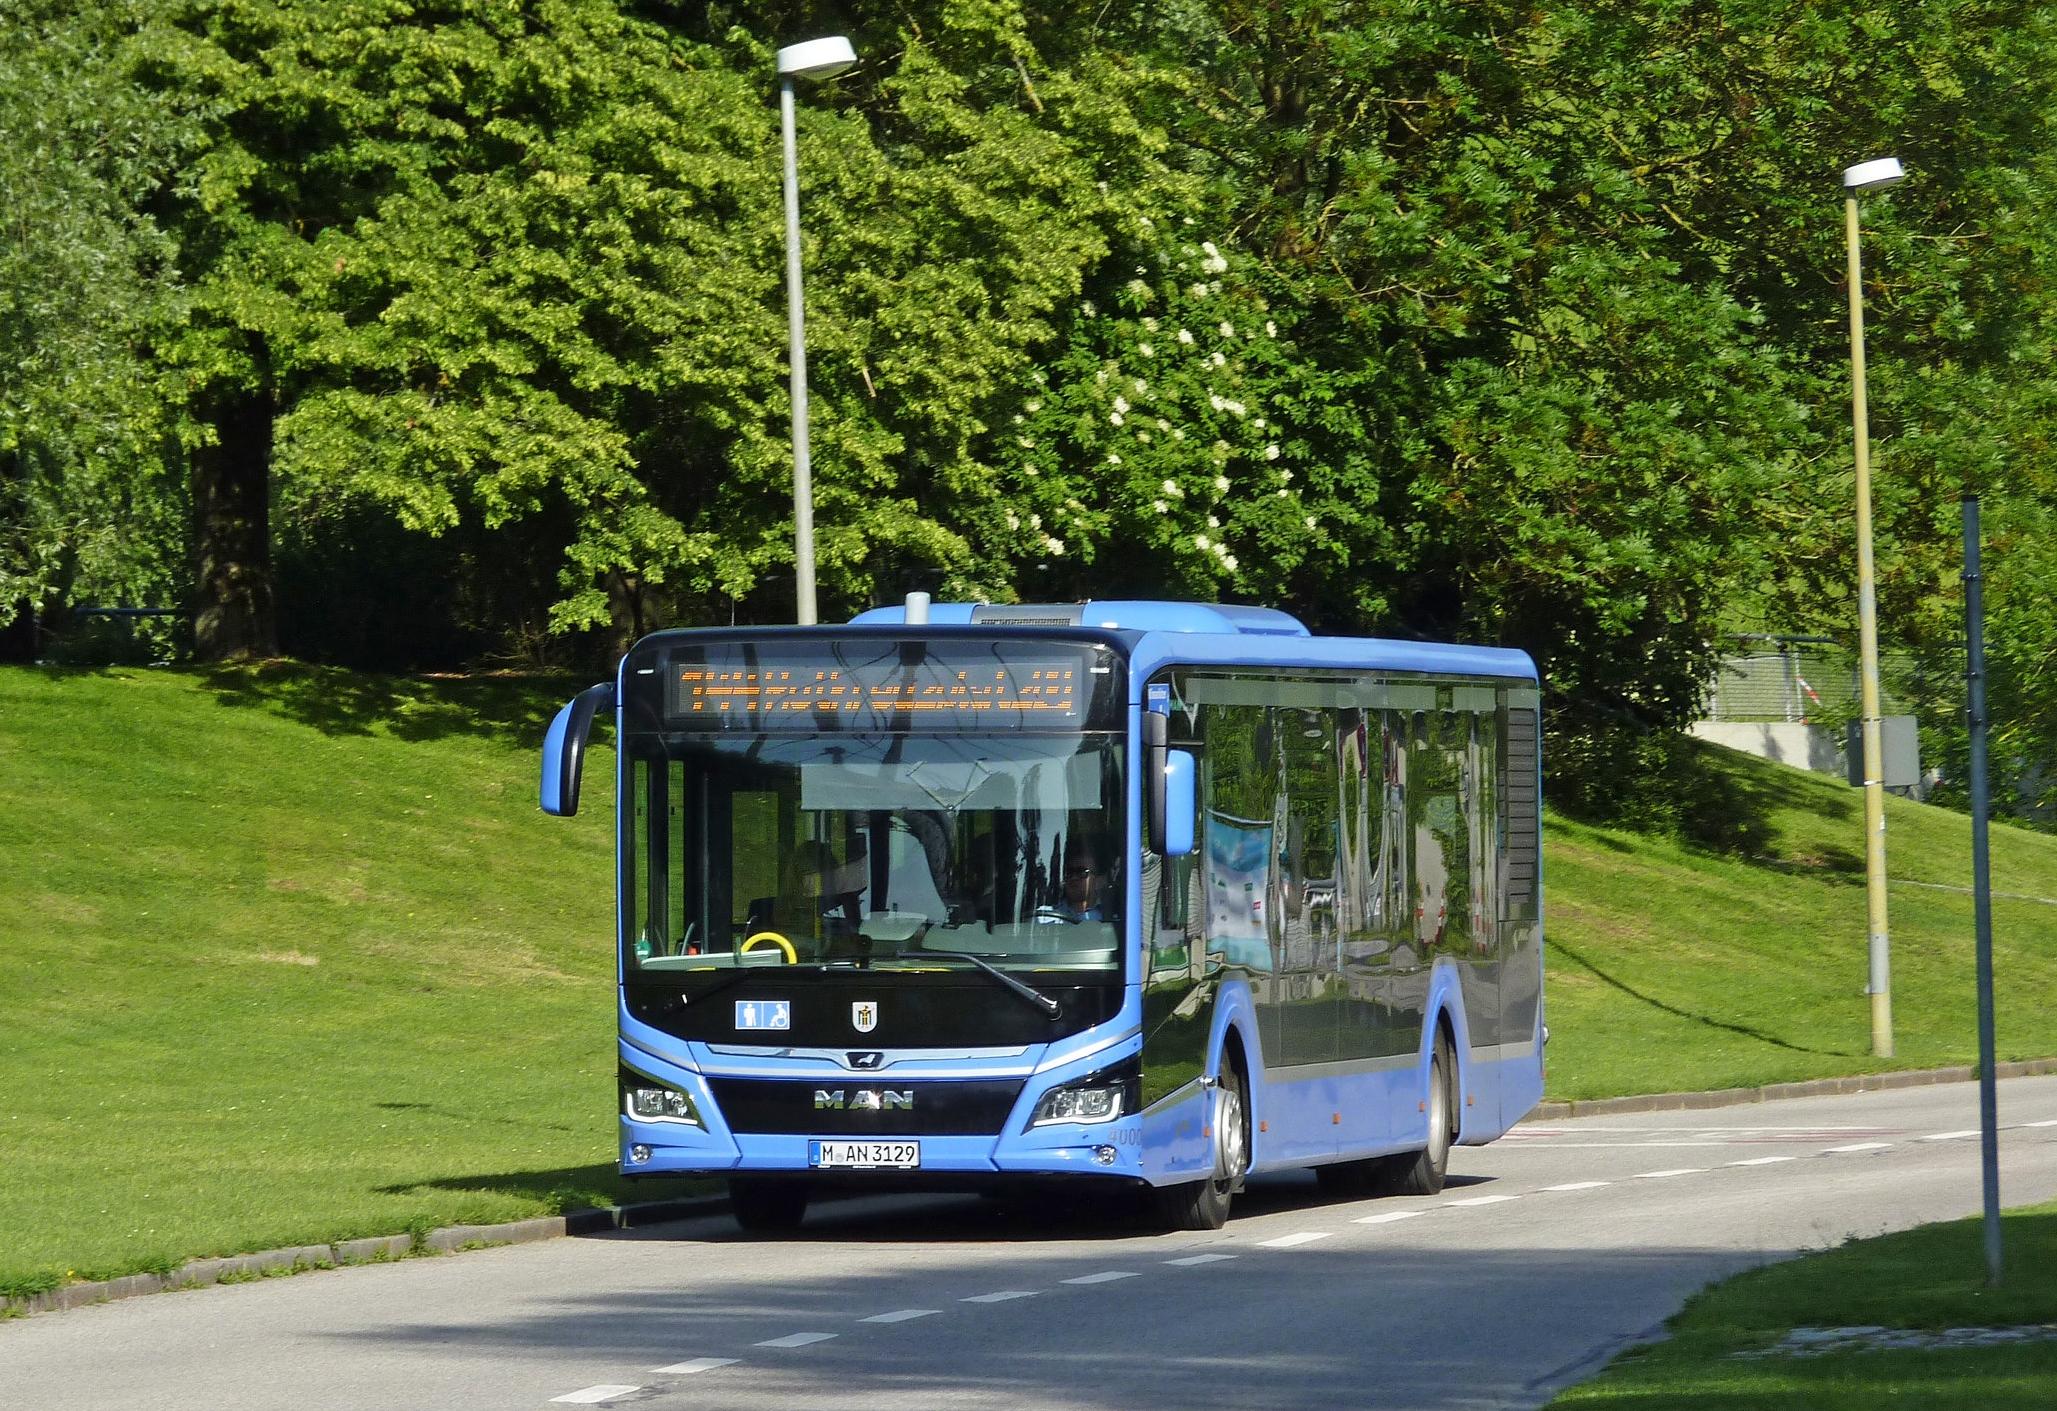 Novým vozem Lion's City je možné svézt se například v Mnichově. Nejblíže českých hranic bychom našli předváděcí vozy v Pirně nedaleko Drážďan.(foto: Ing. Filip Novotný)